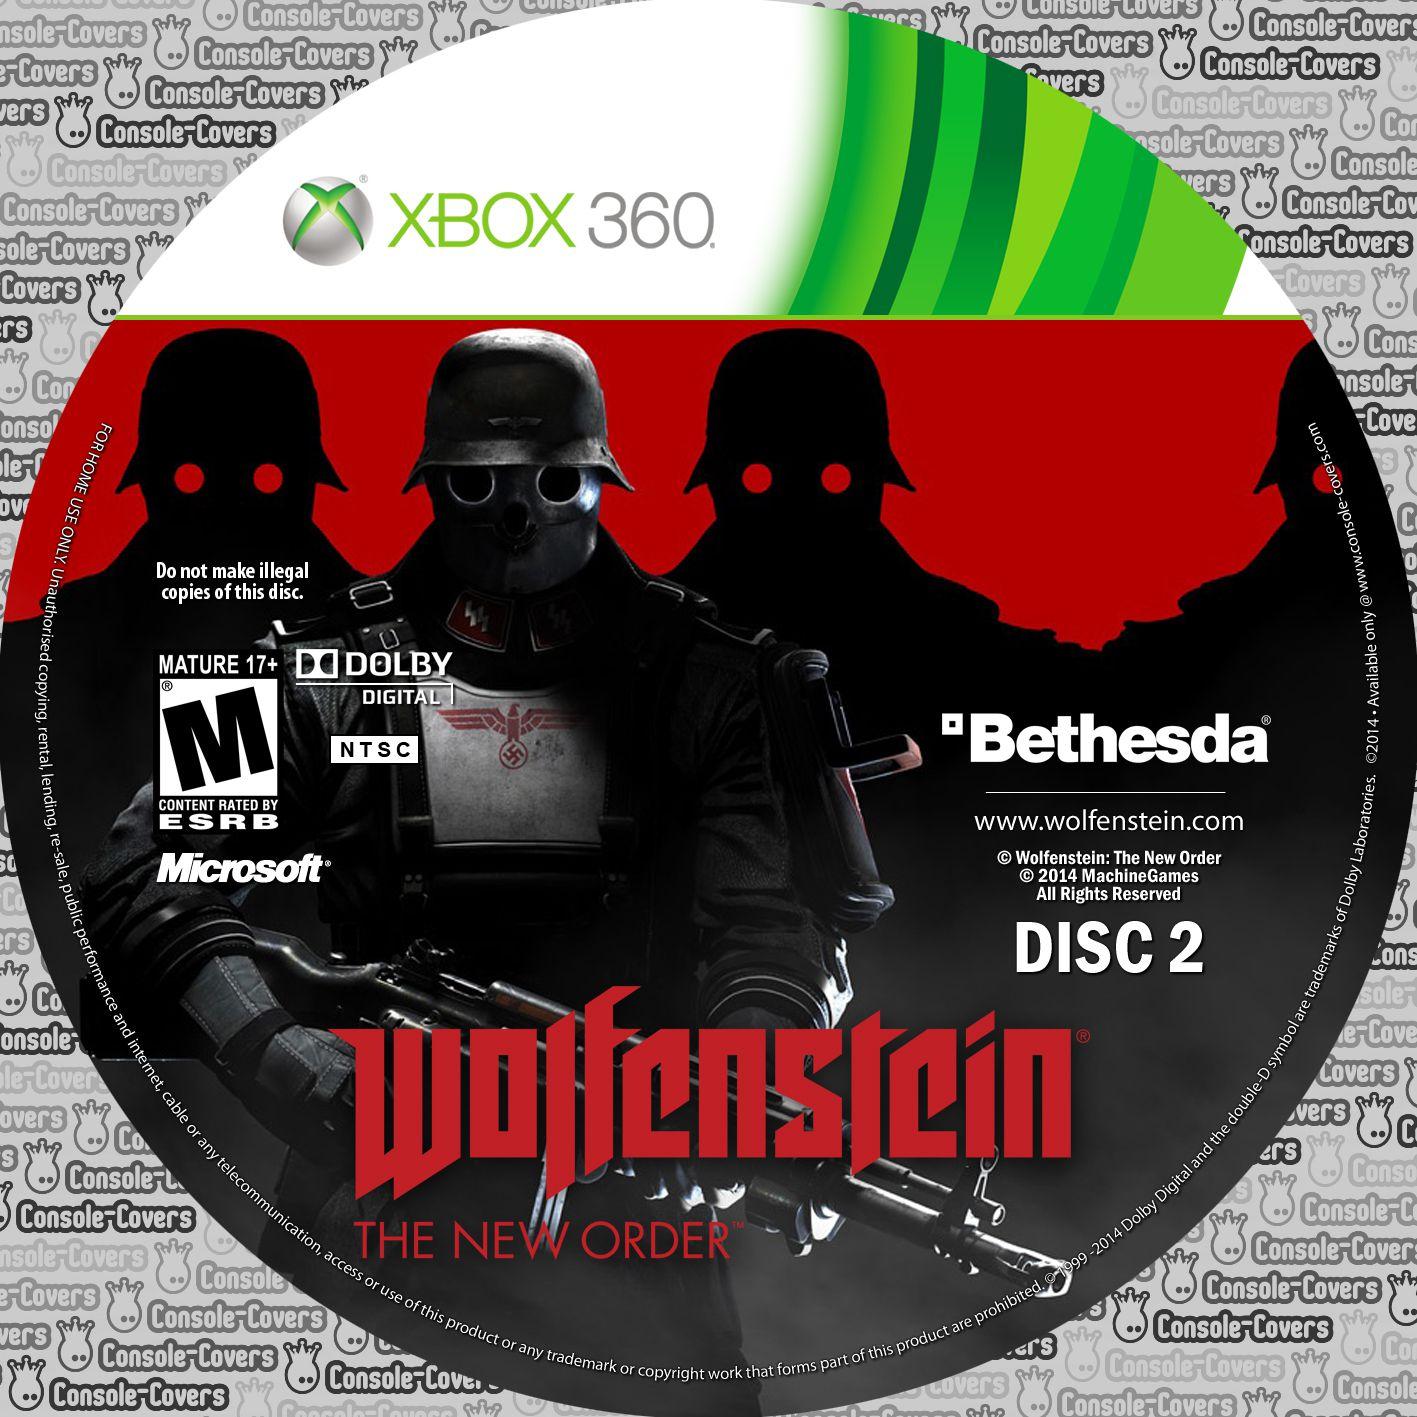 Label Wolfenstein The New Order Disc 2 Xbox 360